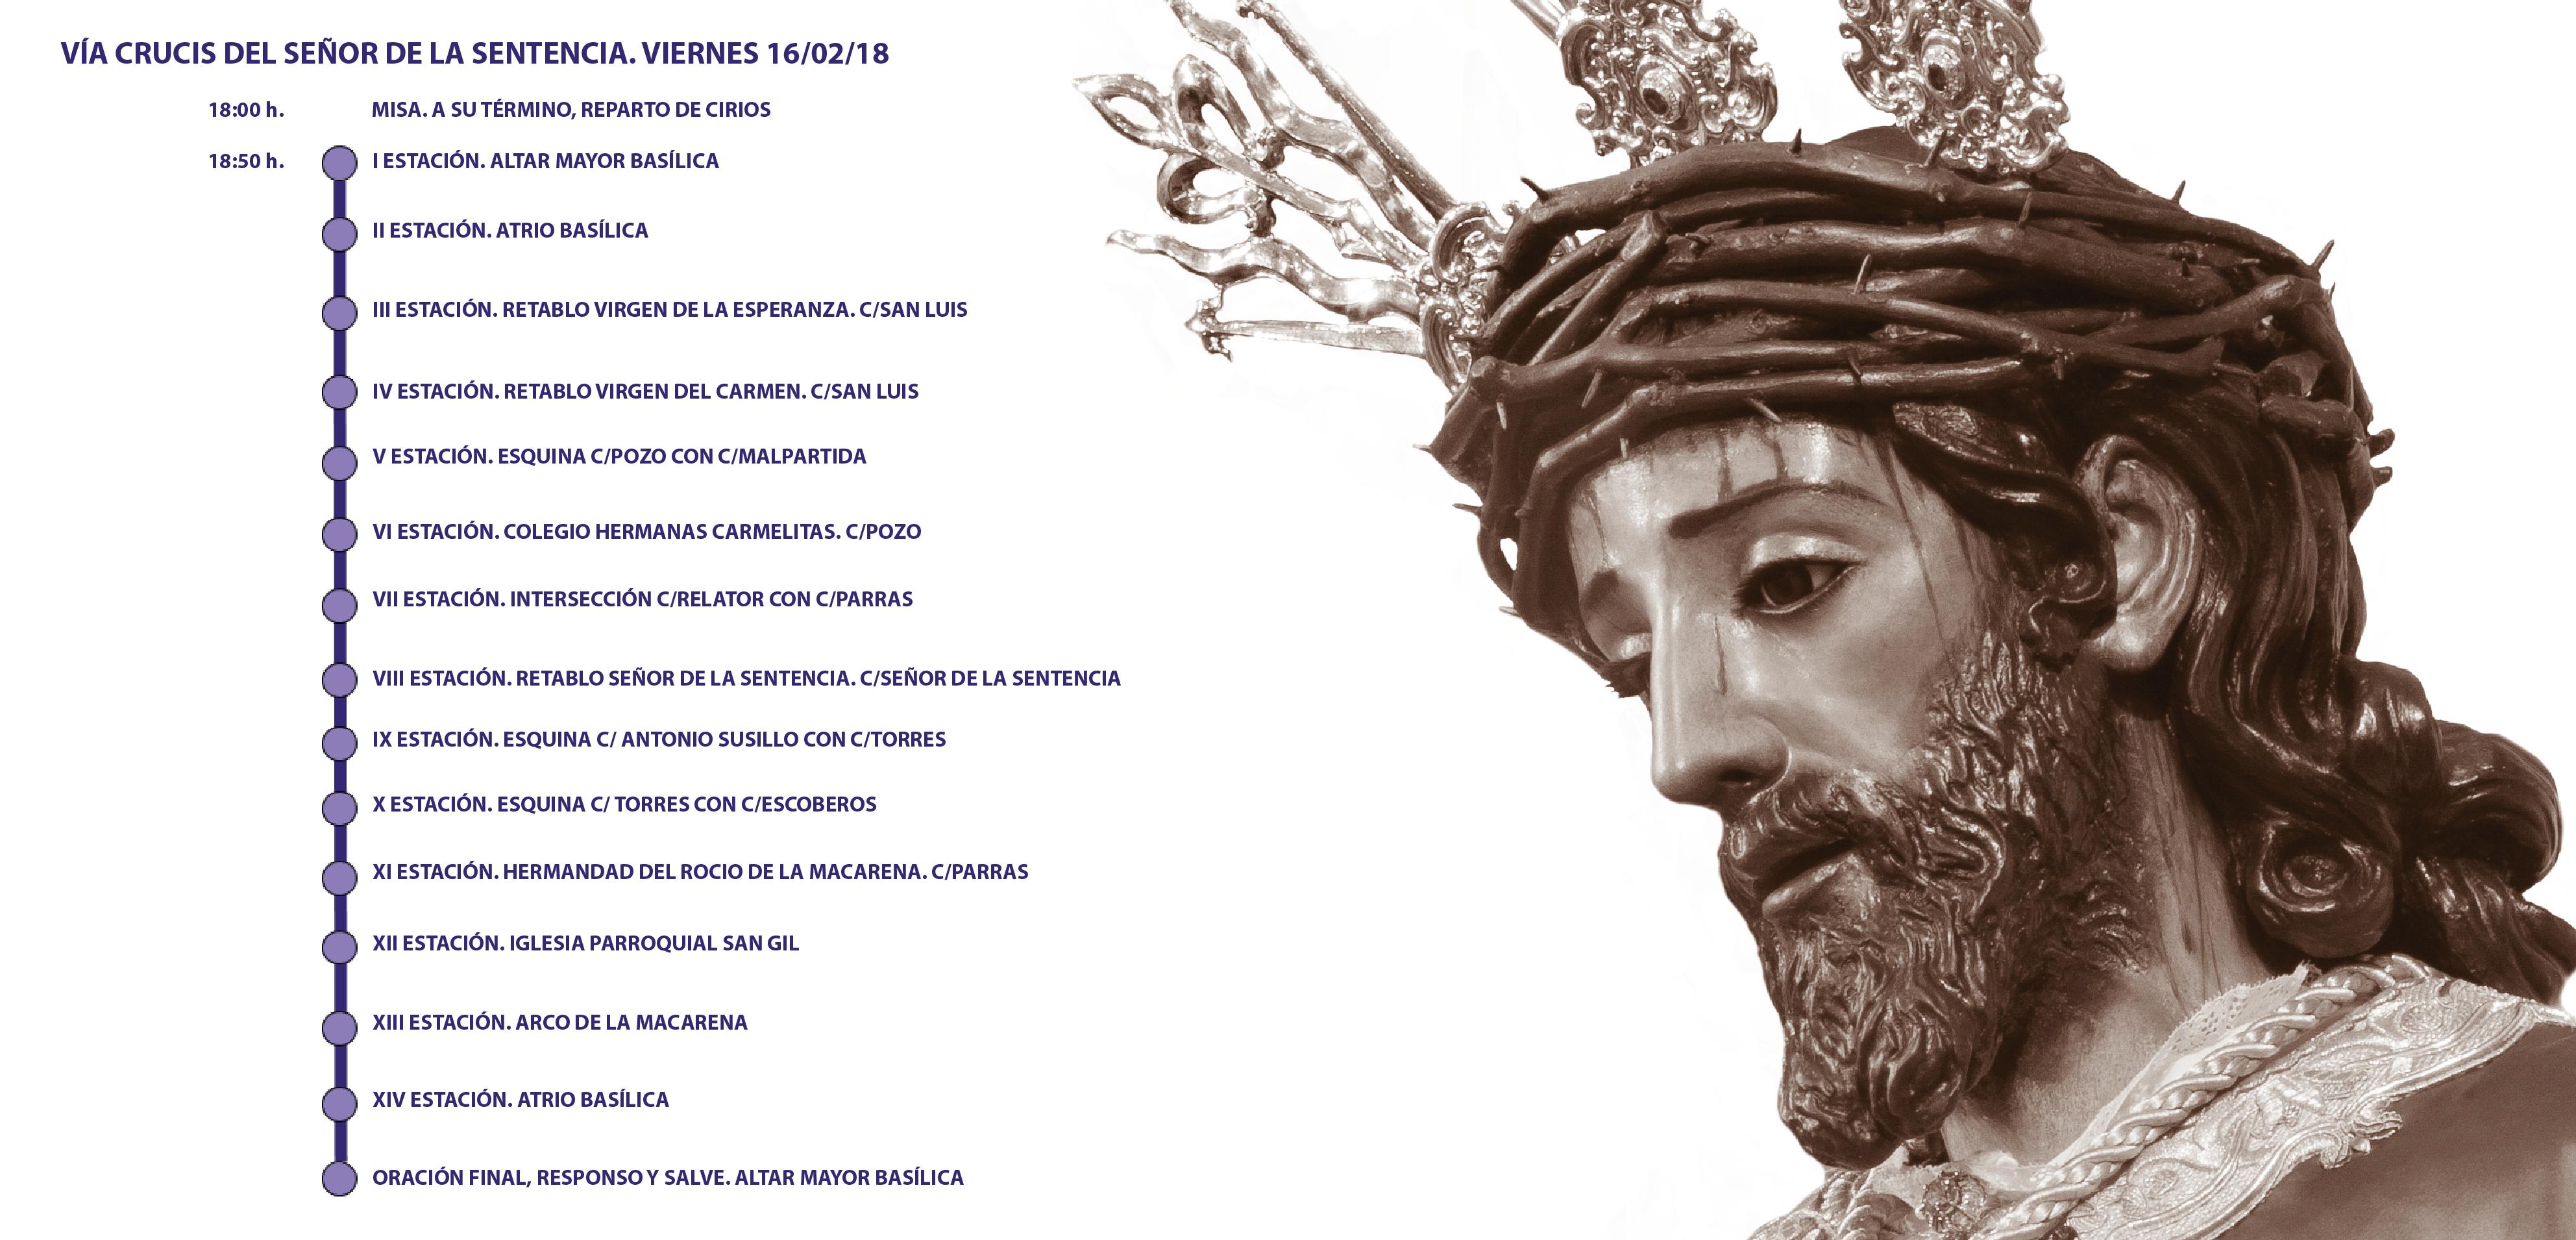 Infografía recorrido Vía Crucis 2018